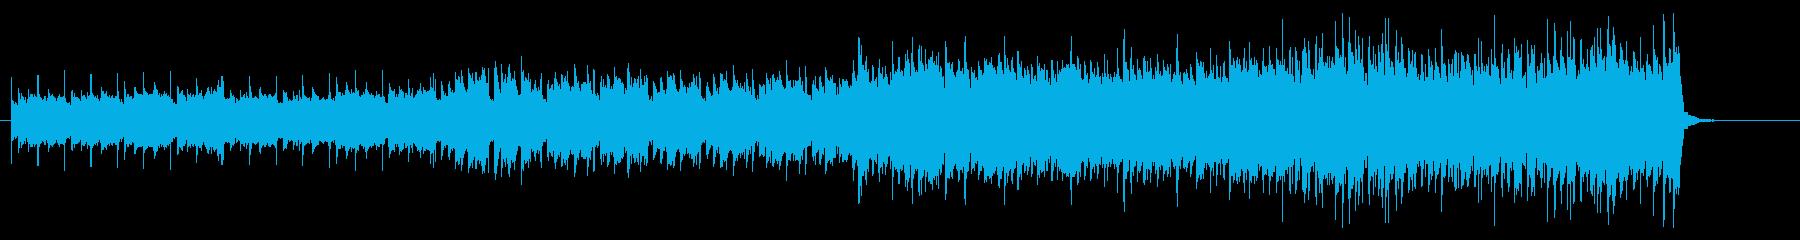 オシャレで落ち着いた雰囲気の短いBGMの再生済みの波形